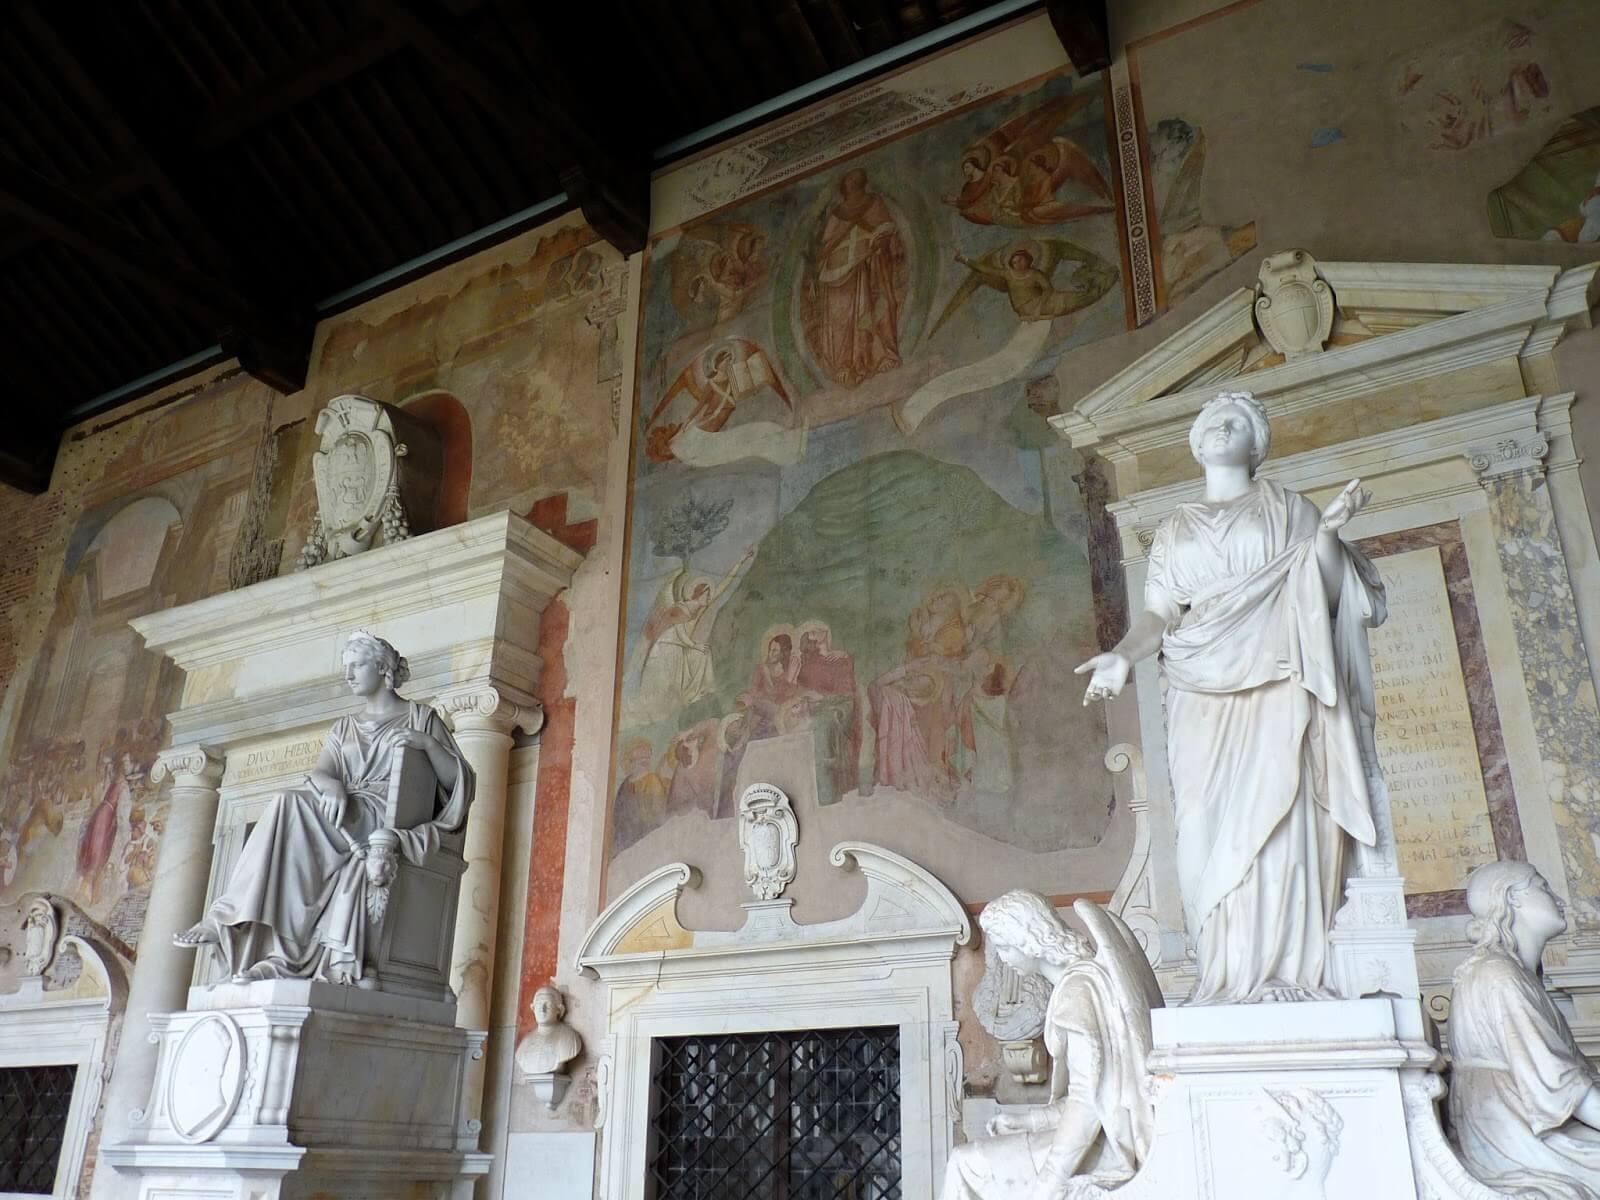 Camposanto Campas Pisa Itália 01 Mundo Indefinido